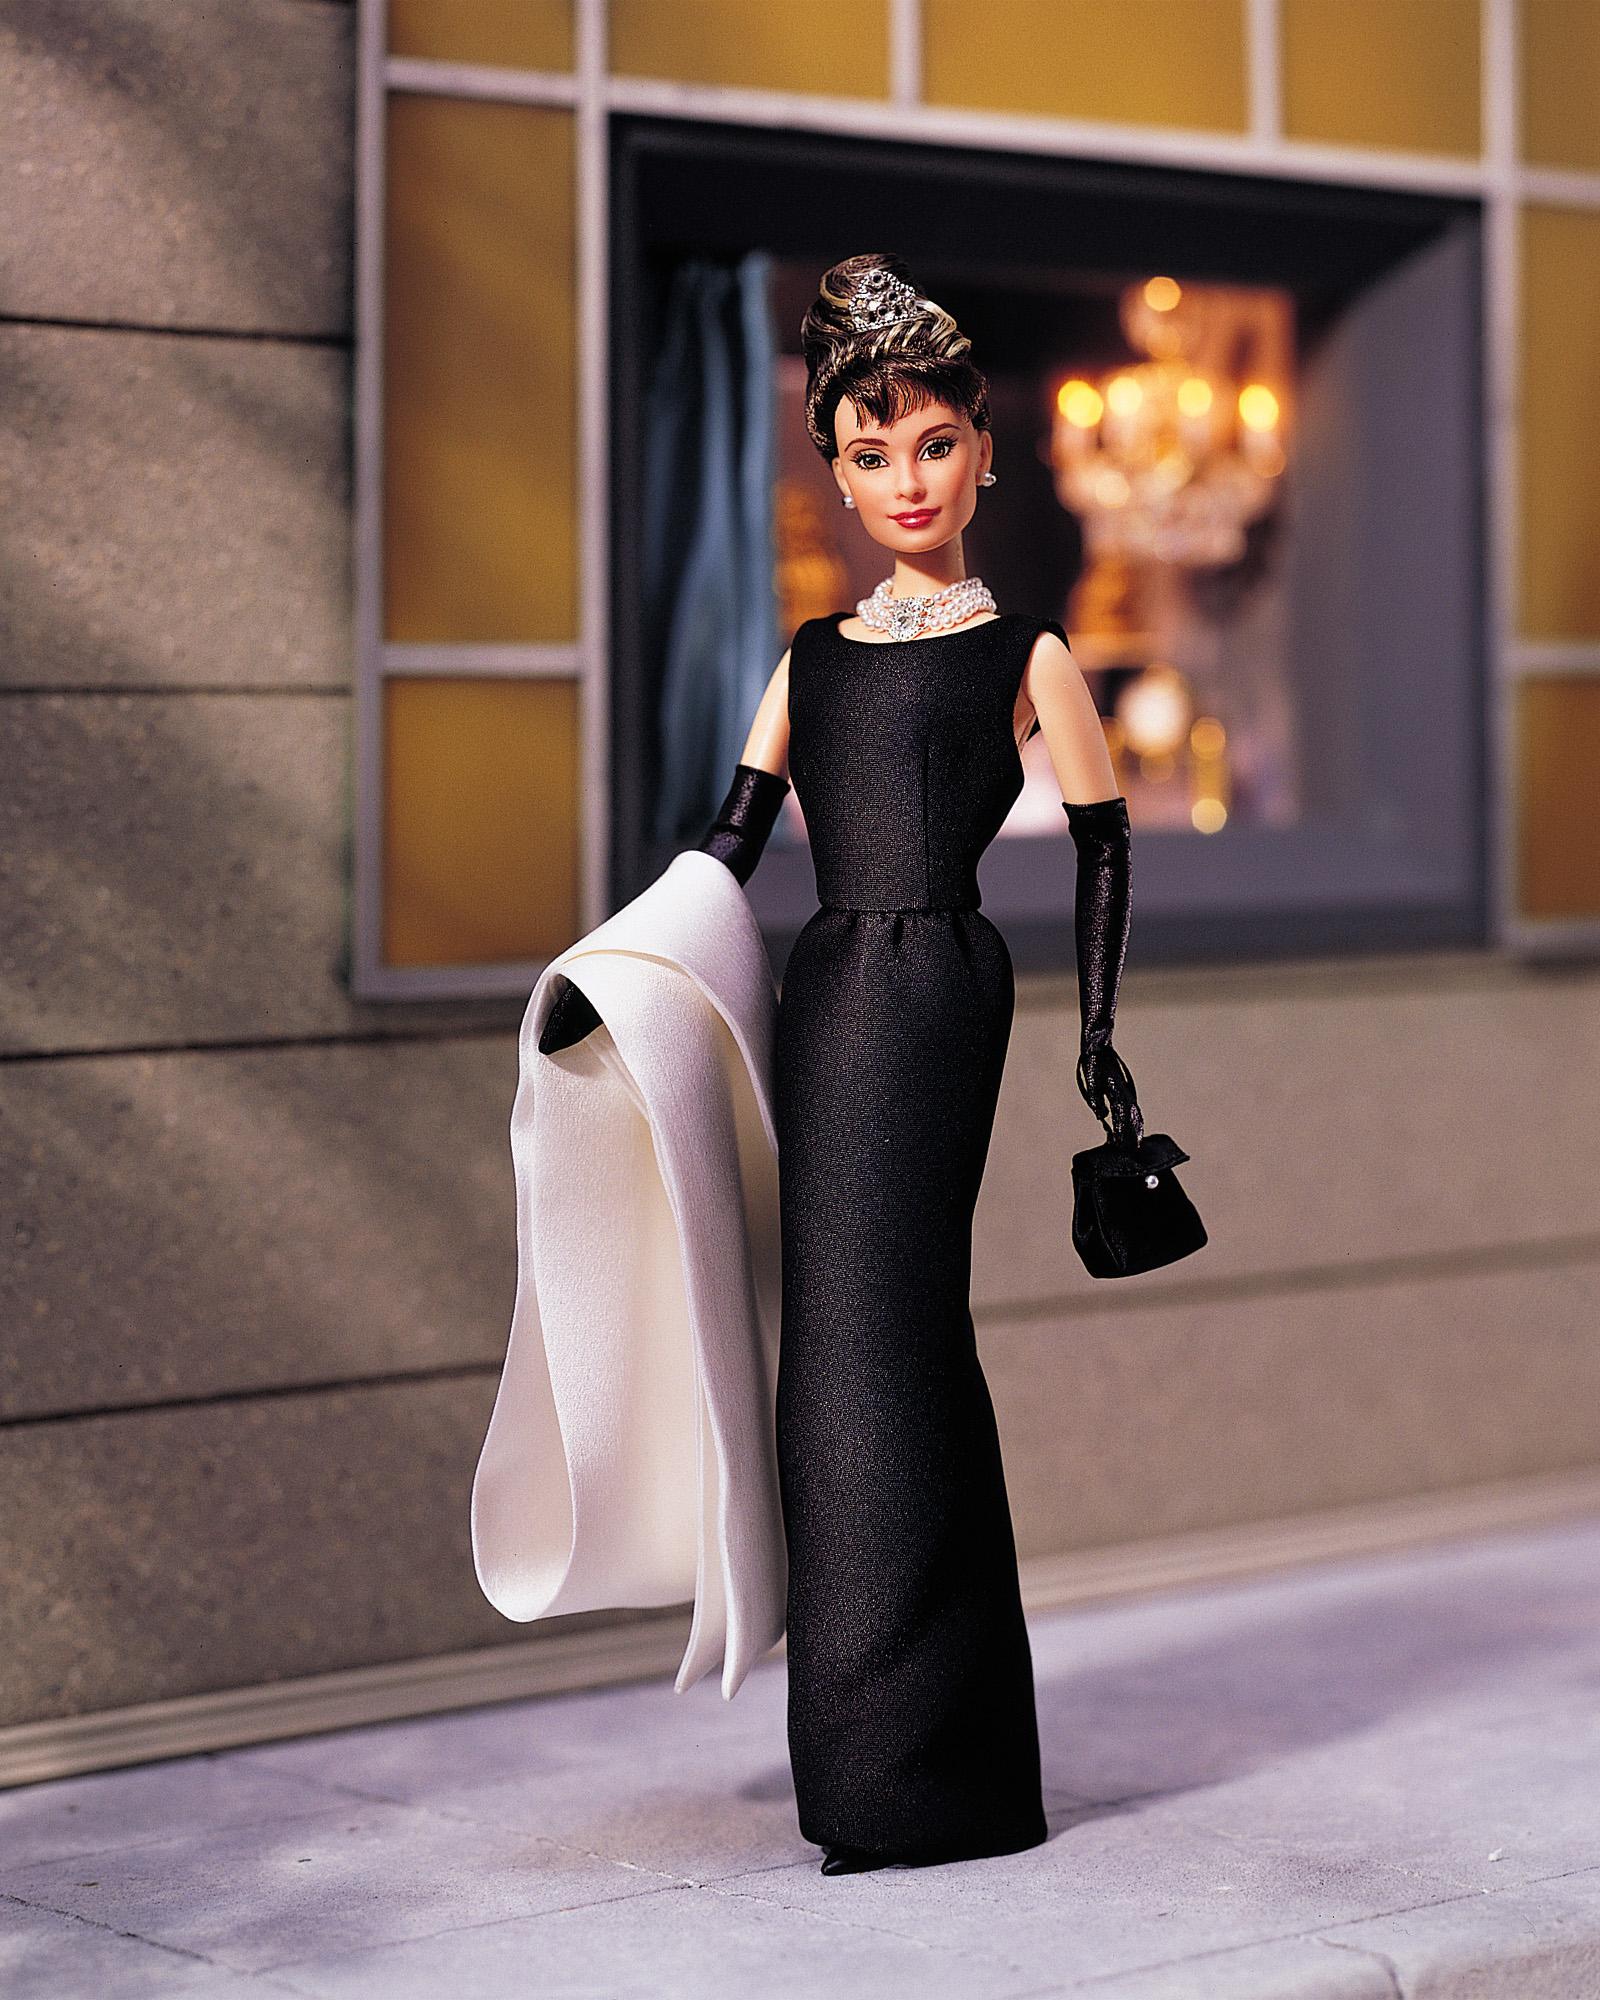 The Audrey Hepburn Barbie, released in 1998.